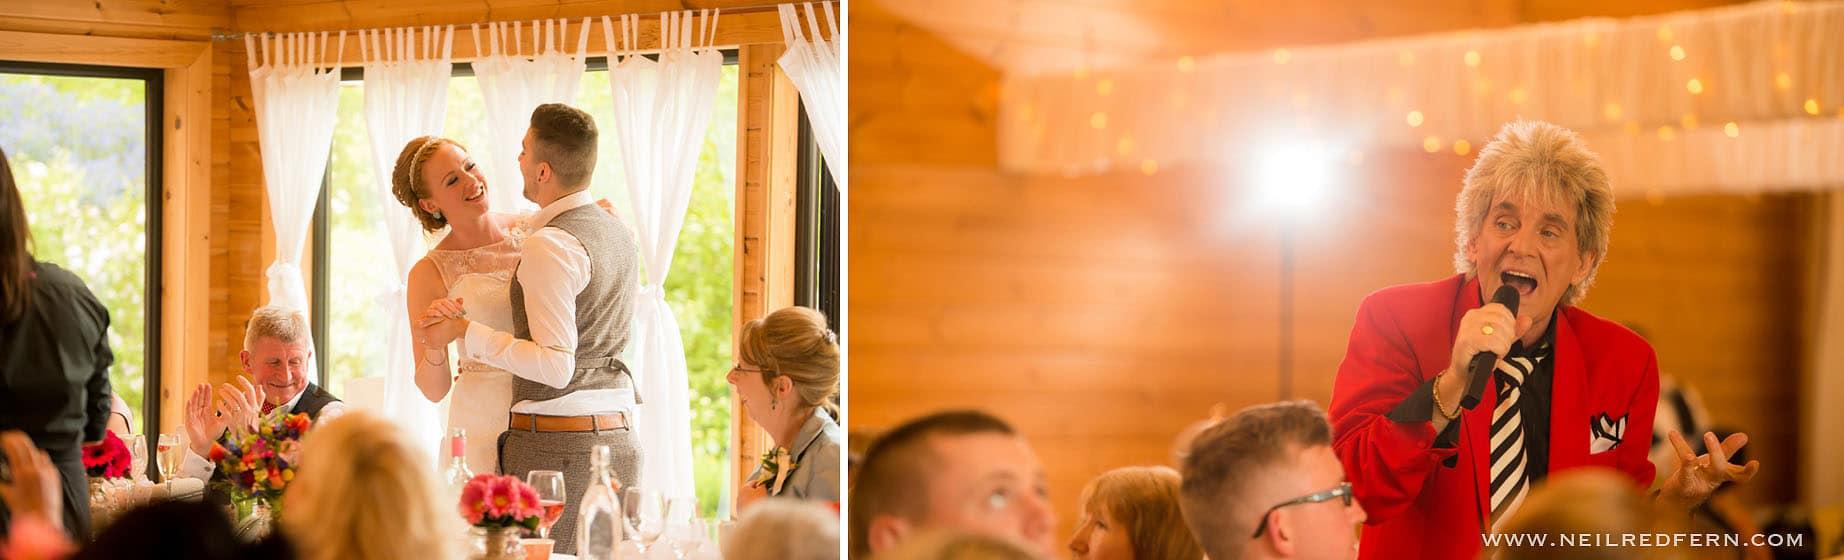 Styal Lodge wedding photographer 39